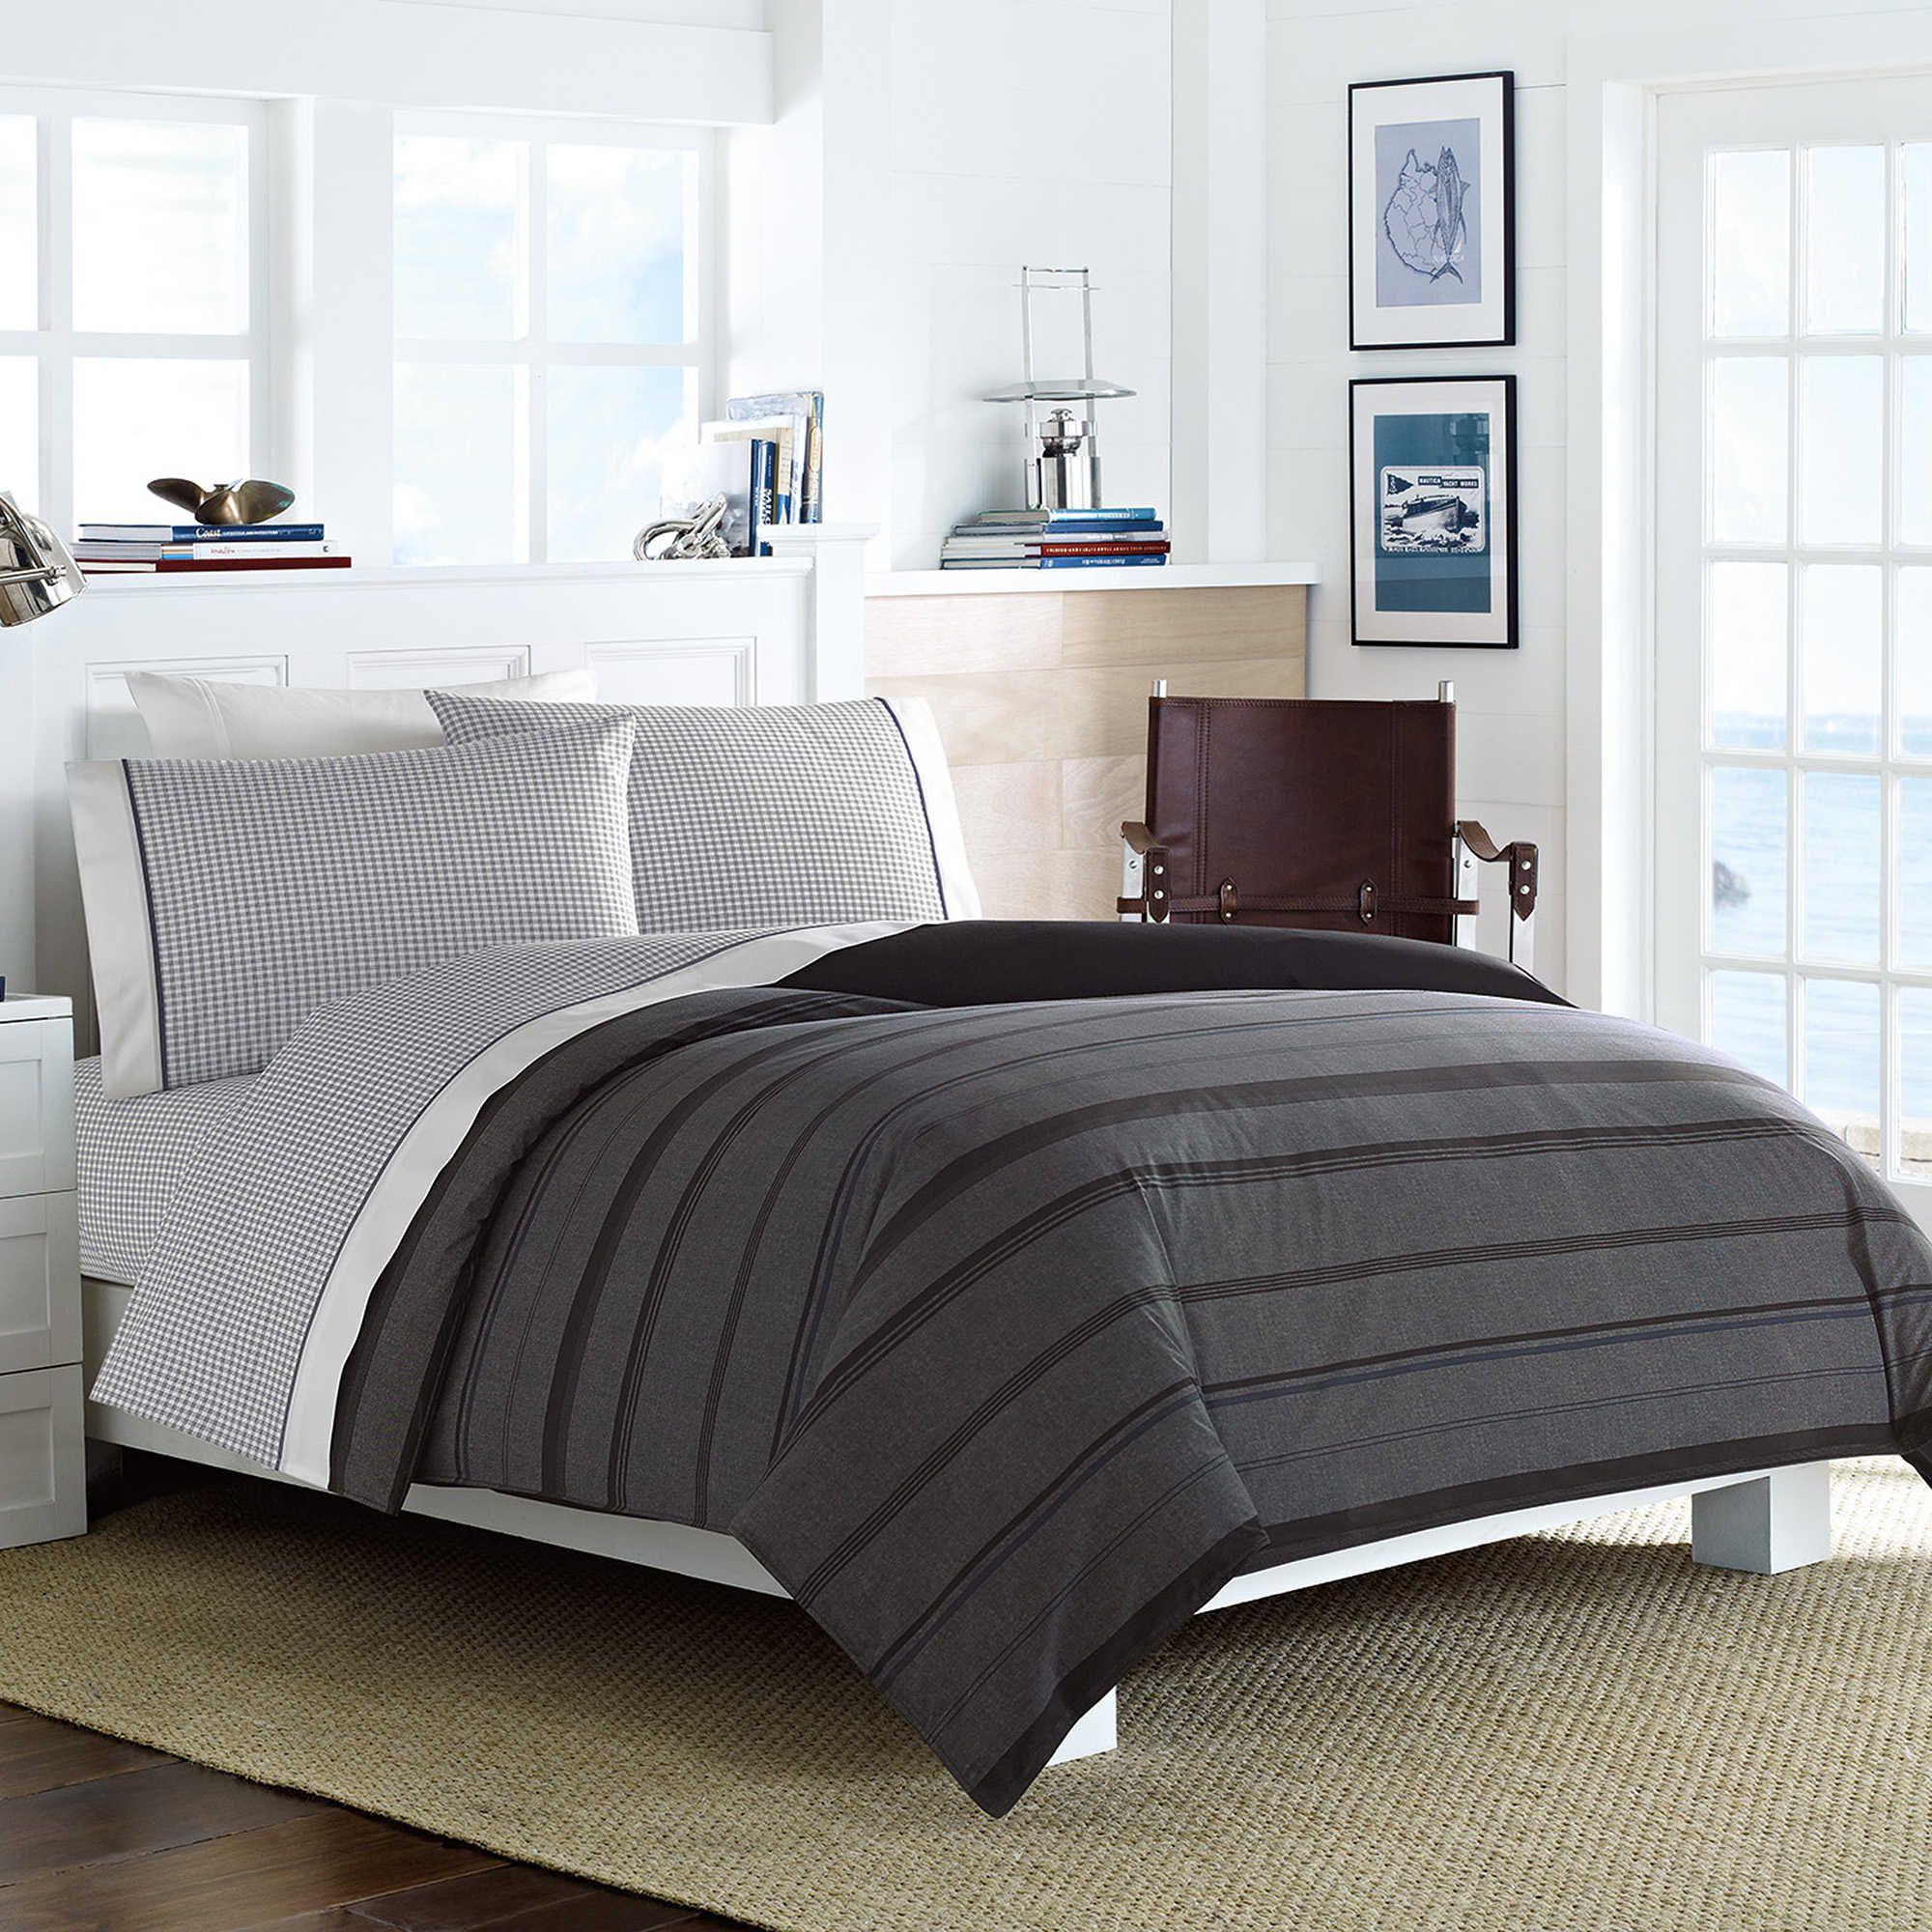 Nautica Sebec Comforter Set In Grey Comforter Sets Comforters